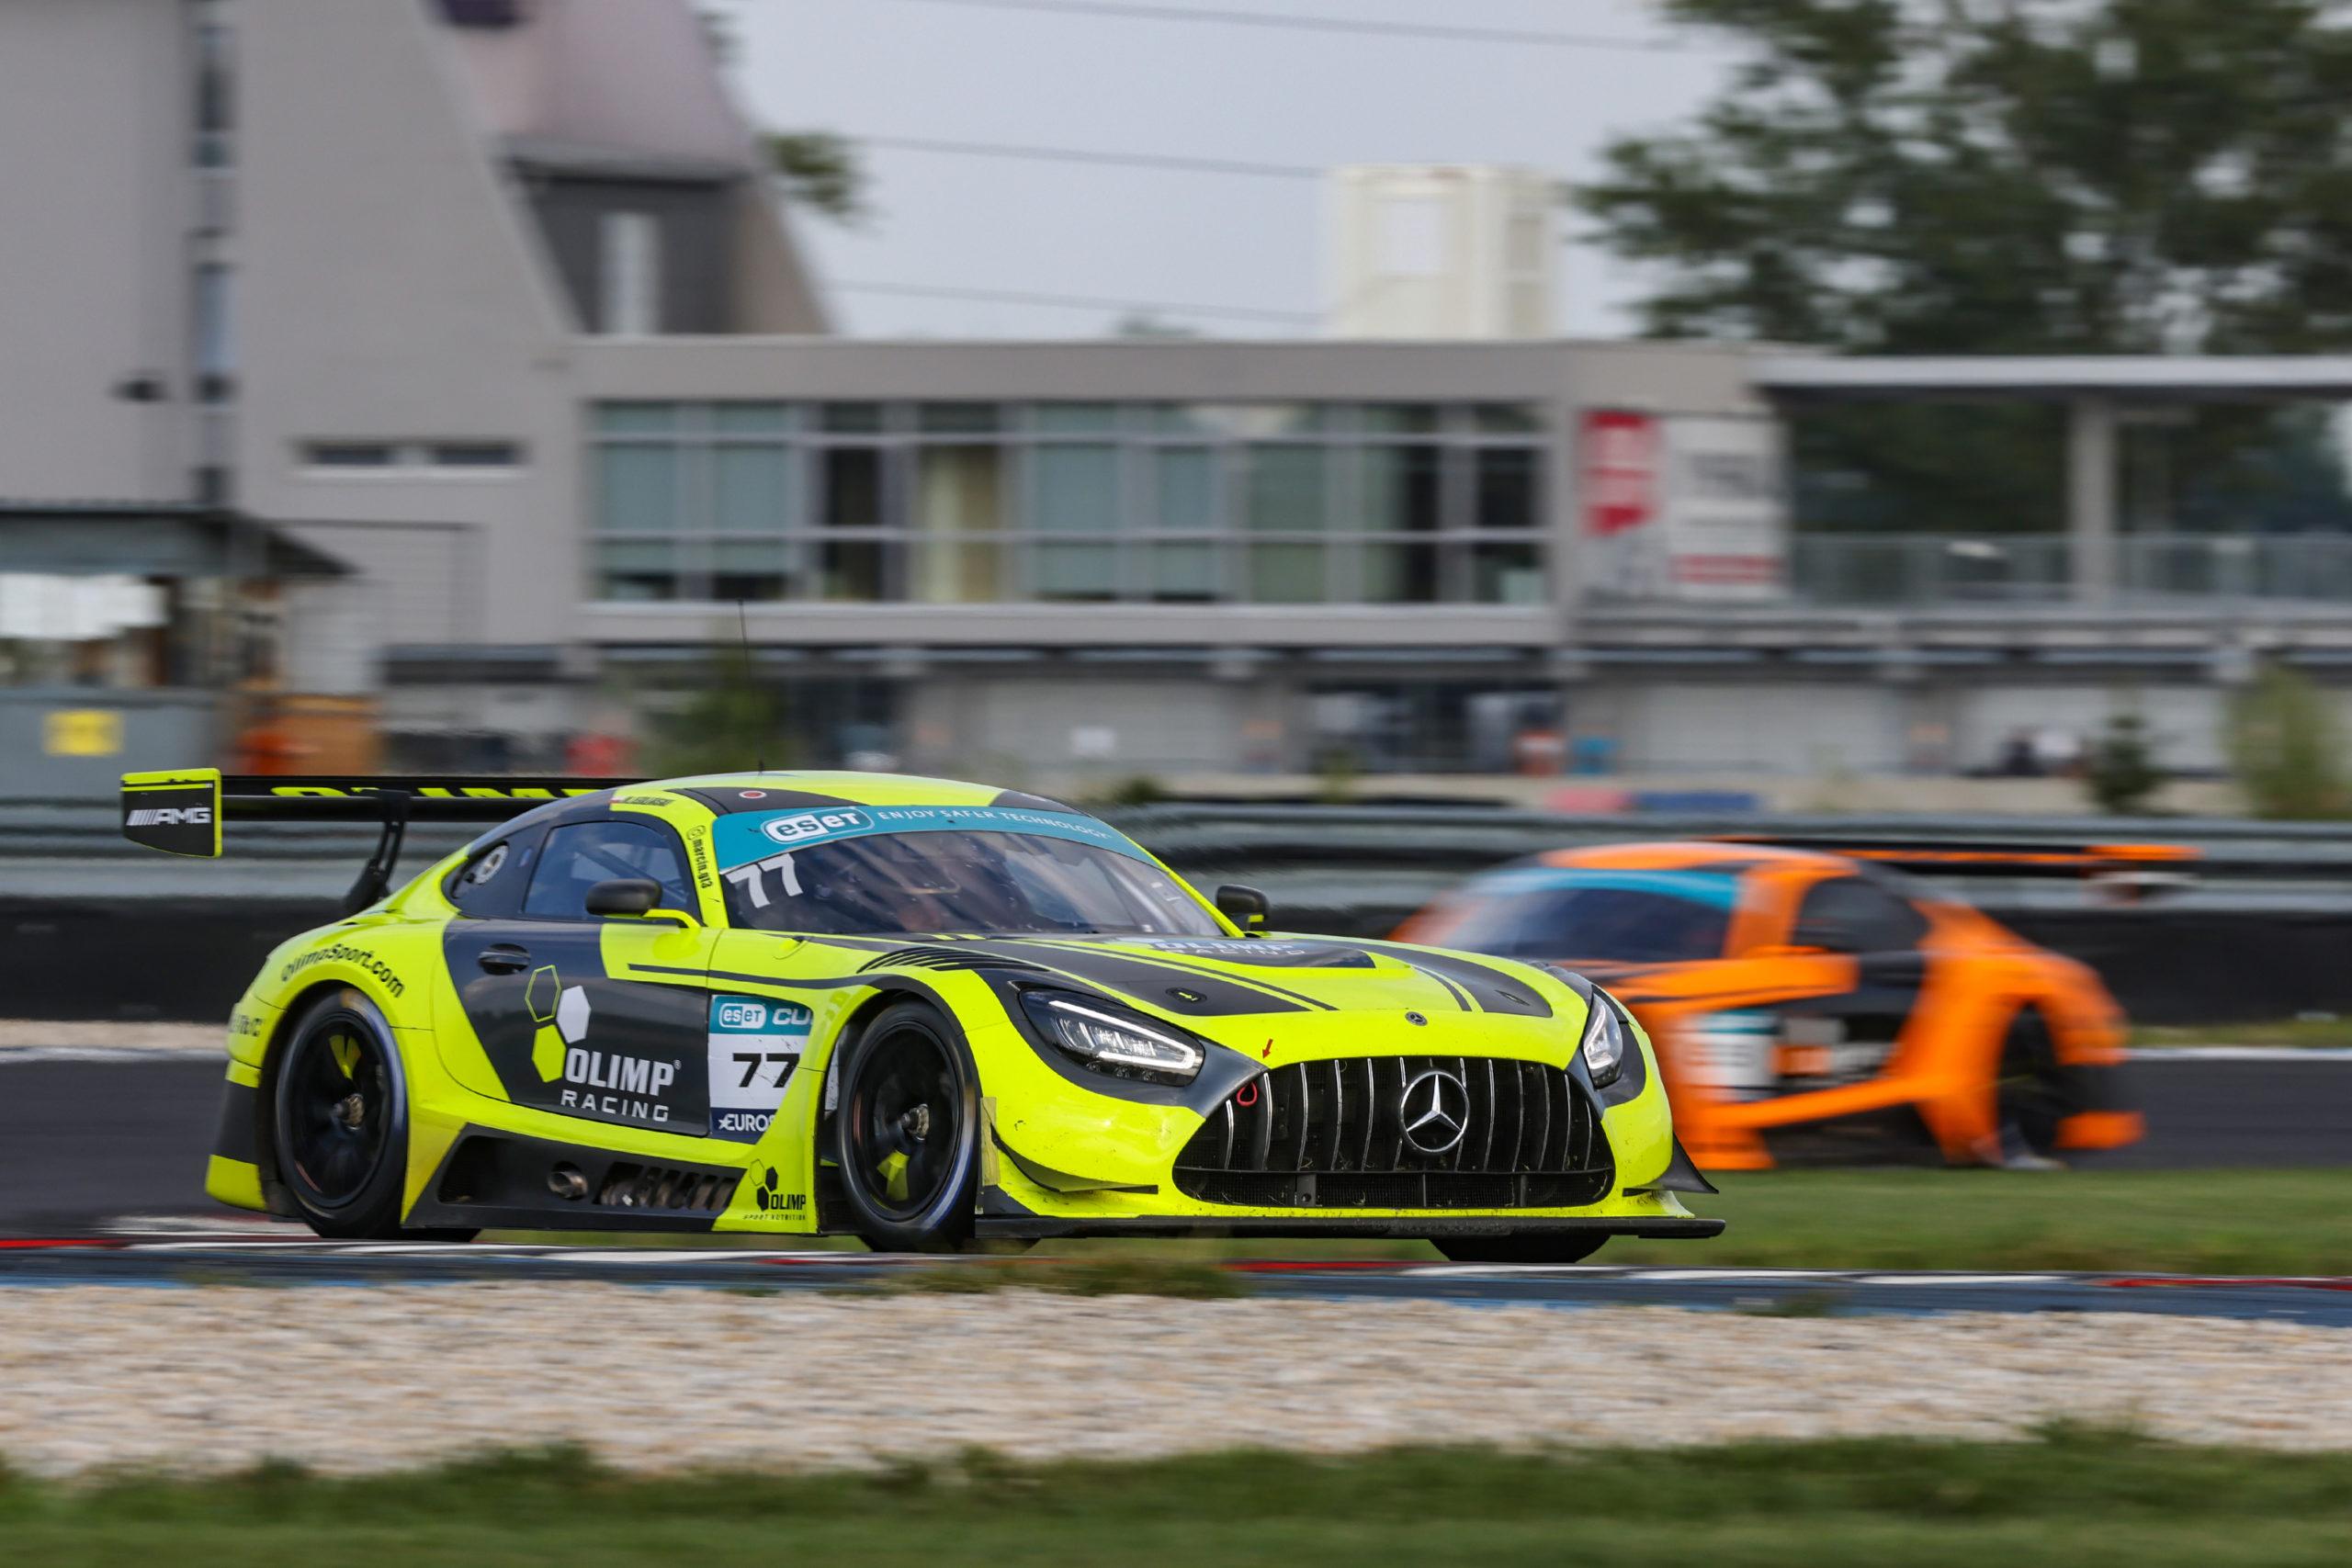 Jedlinski si zajistil titul šampiona GT3 sprintu